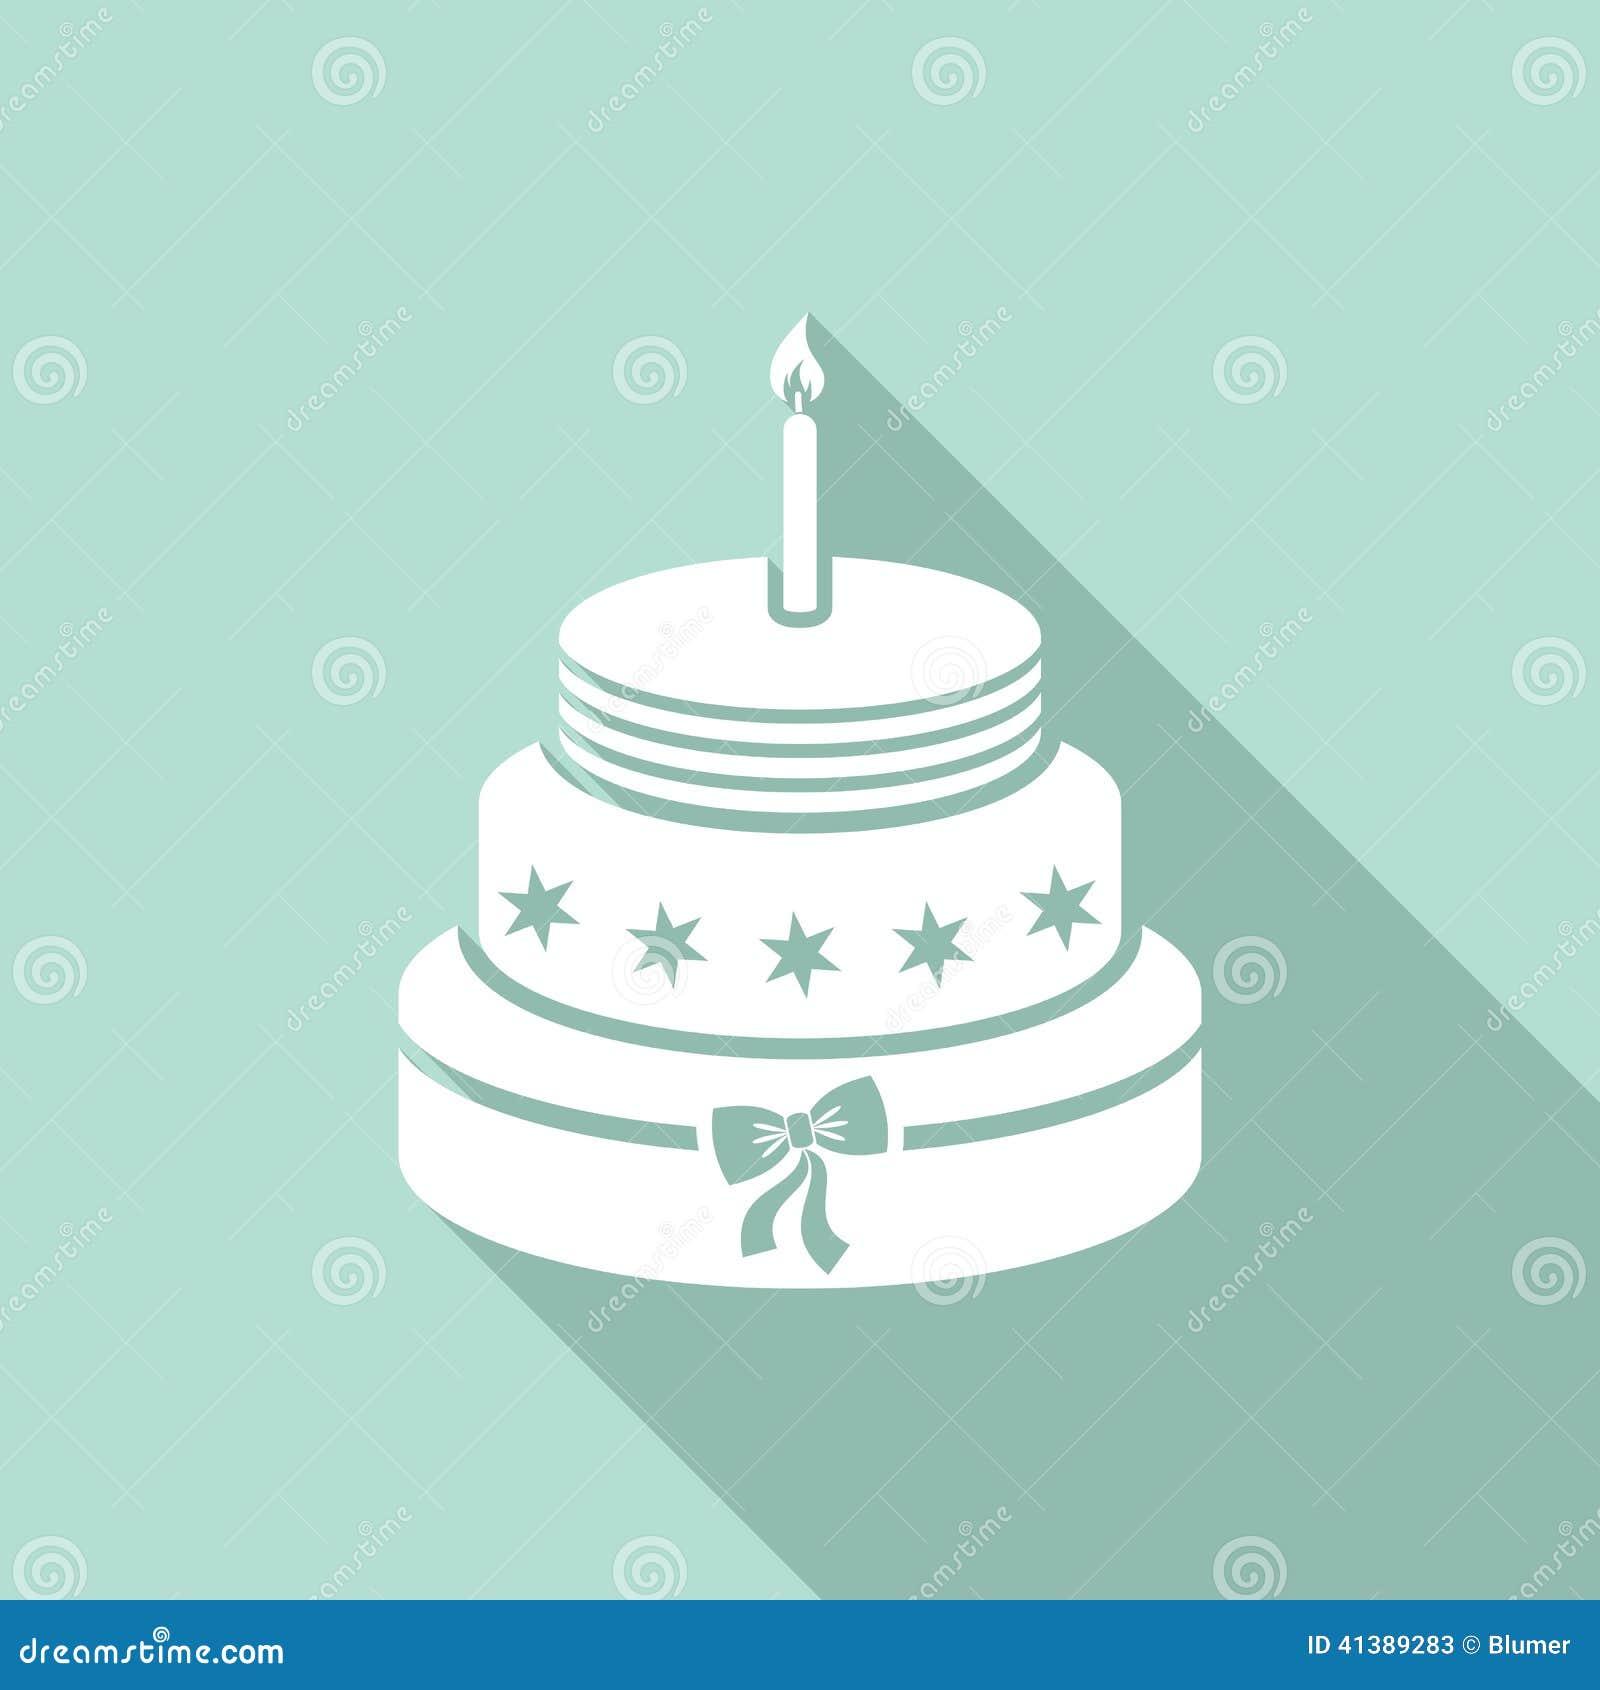 Birthday Cake Stock Vector Illustration Of Cake White 41389283